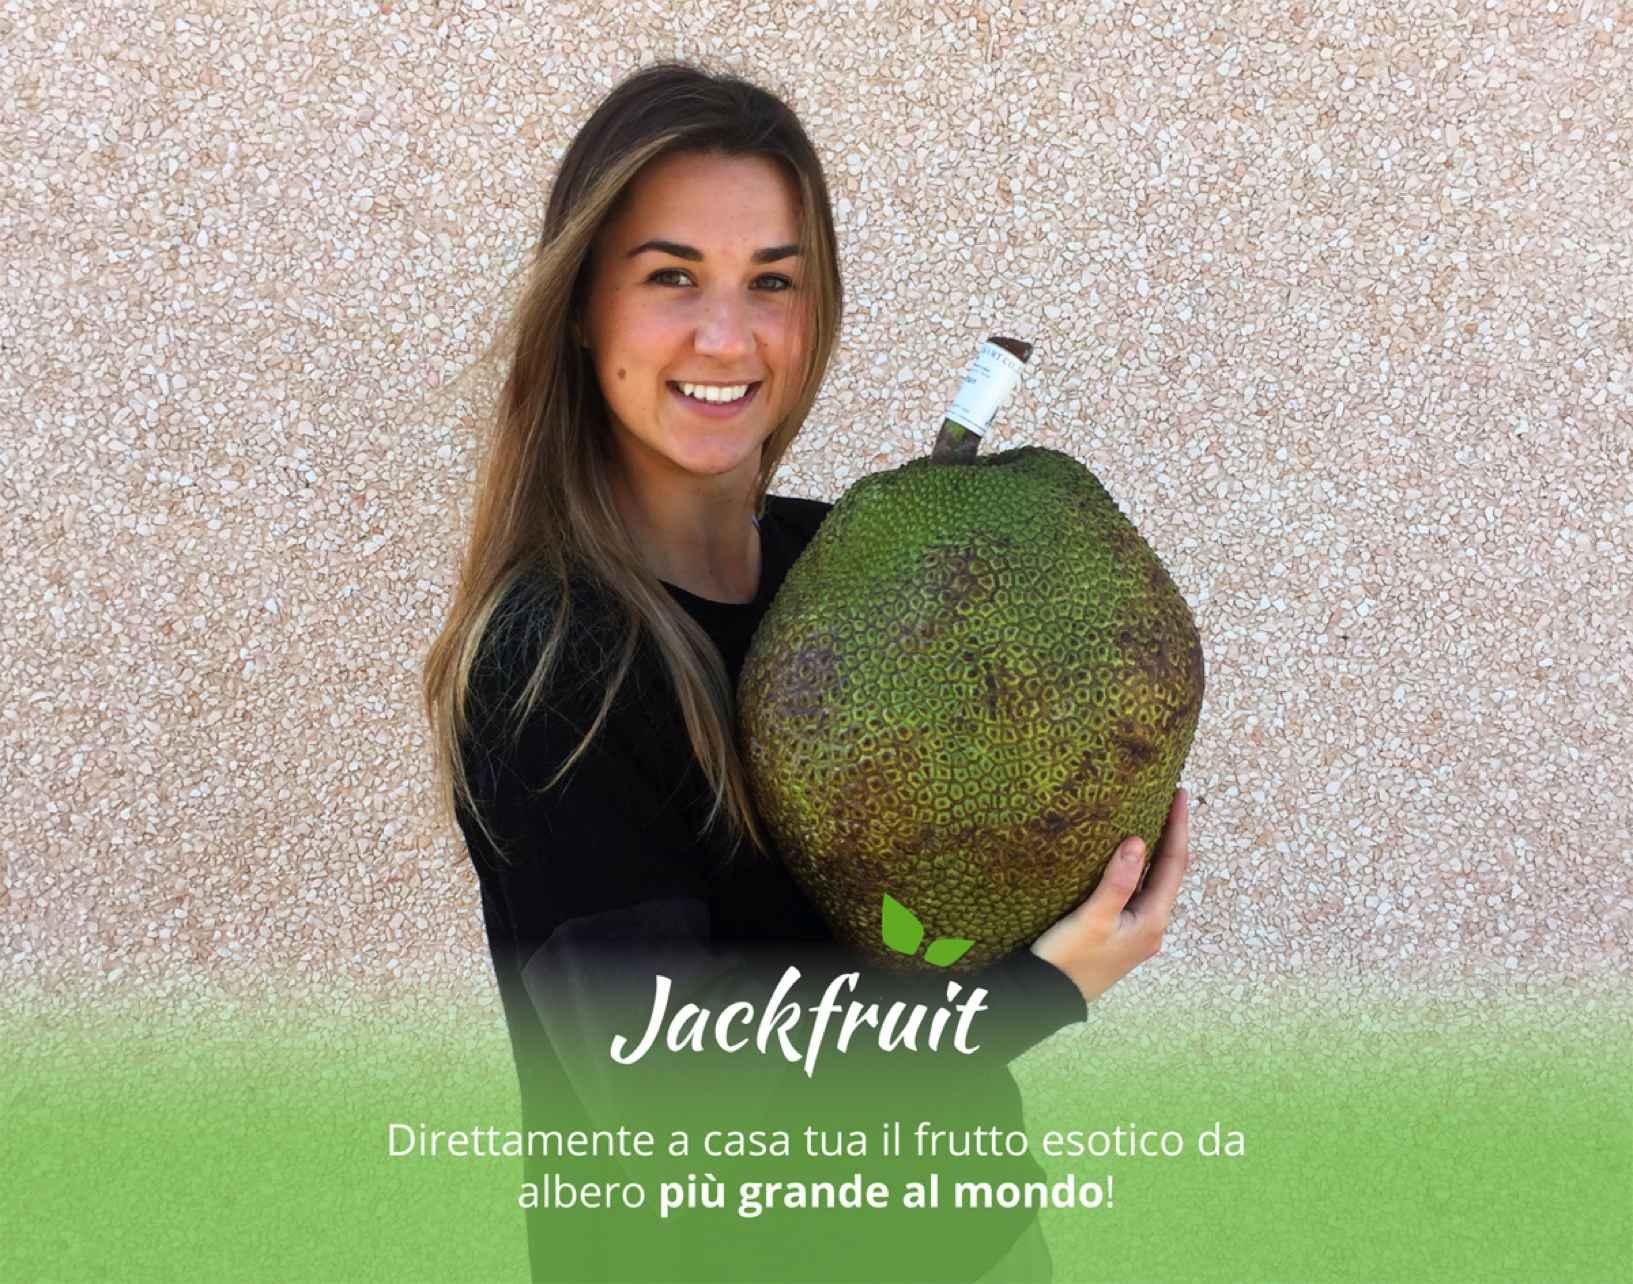 Acquista il Jackfruit (Giaca) con un Click su FruttaWeb.com. Consegna comodamente a casa tua